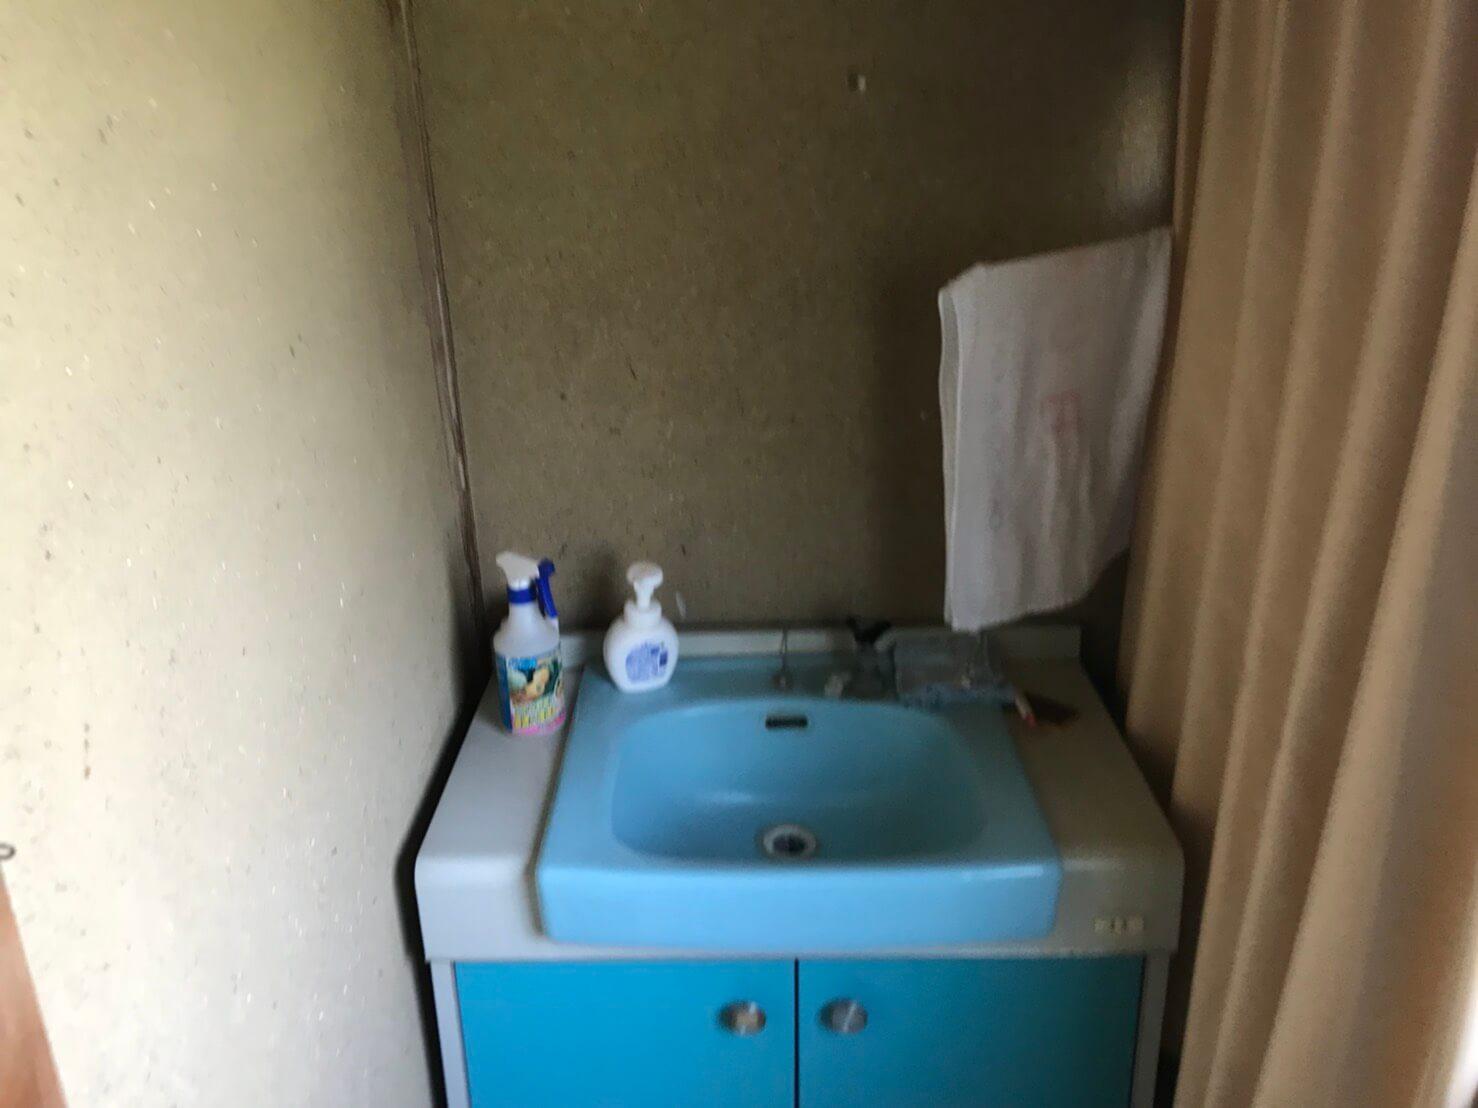 洗面台も使い古されている状態でした。